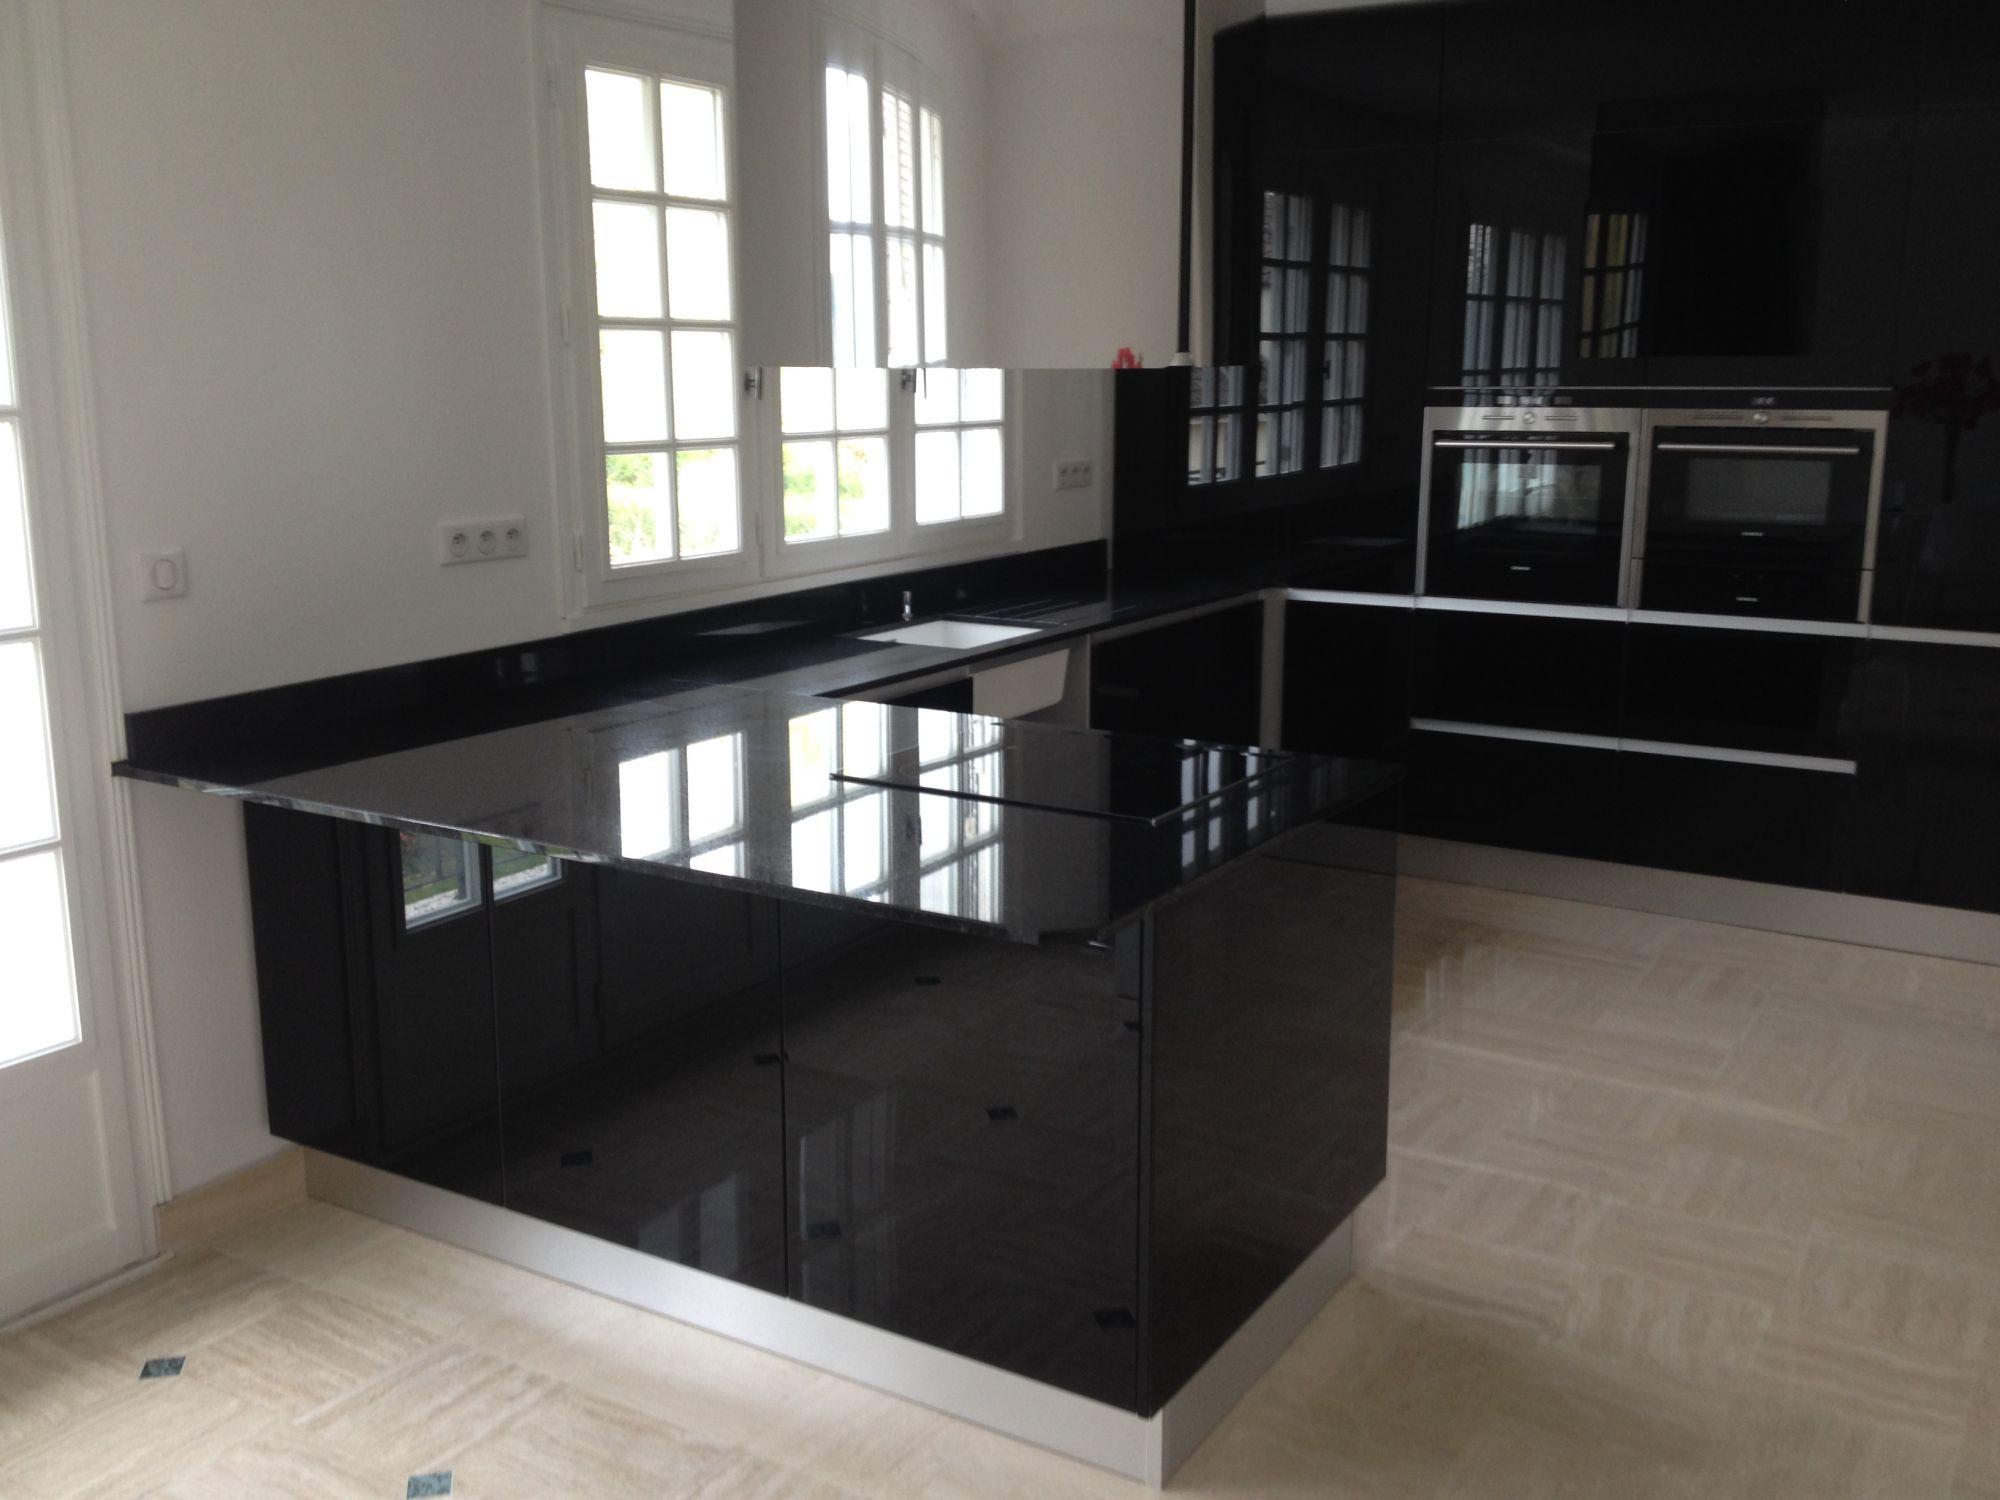 Granico 78 versailles granico sp cialiste de plans de travail pour cuisines et salles de bains - Specialiste salle de bains ...